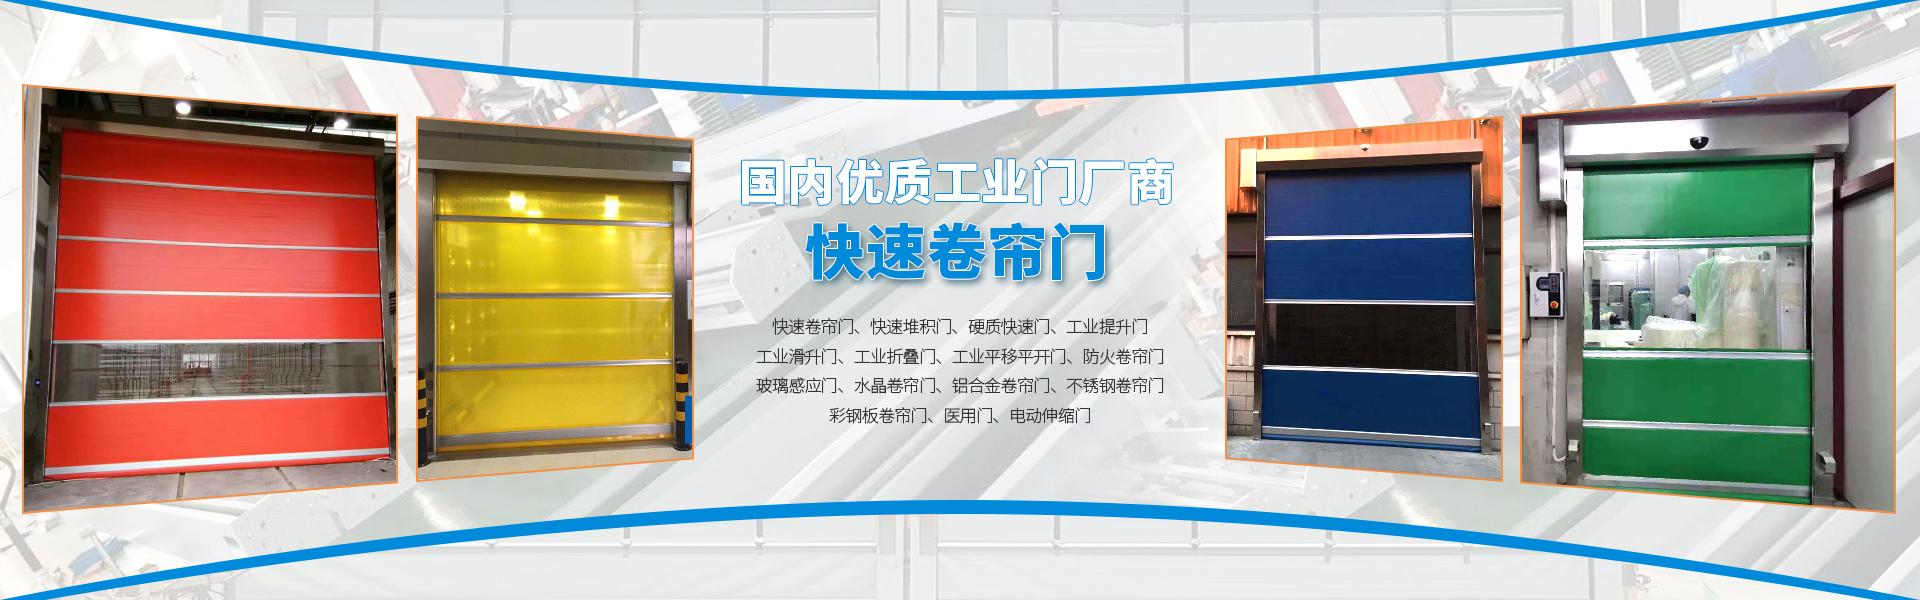 深圳快速卷帘门